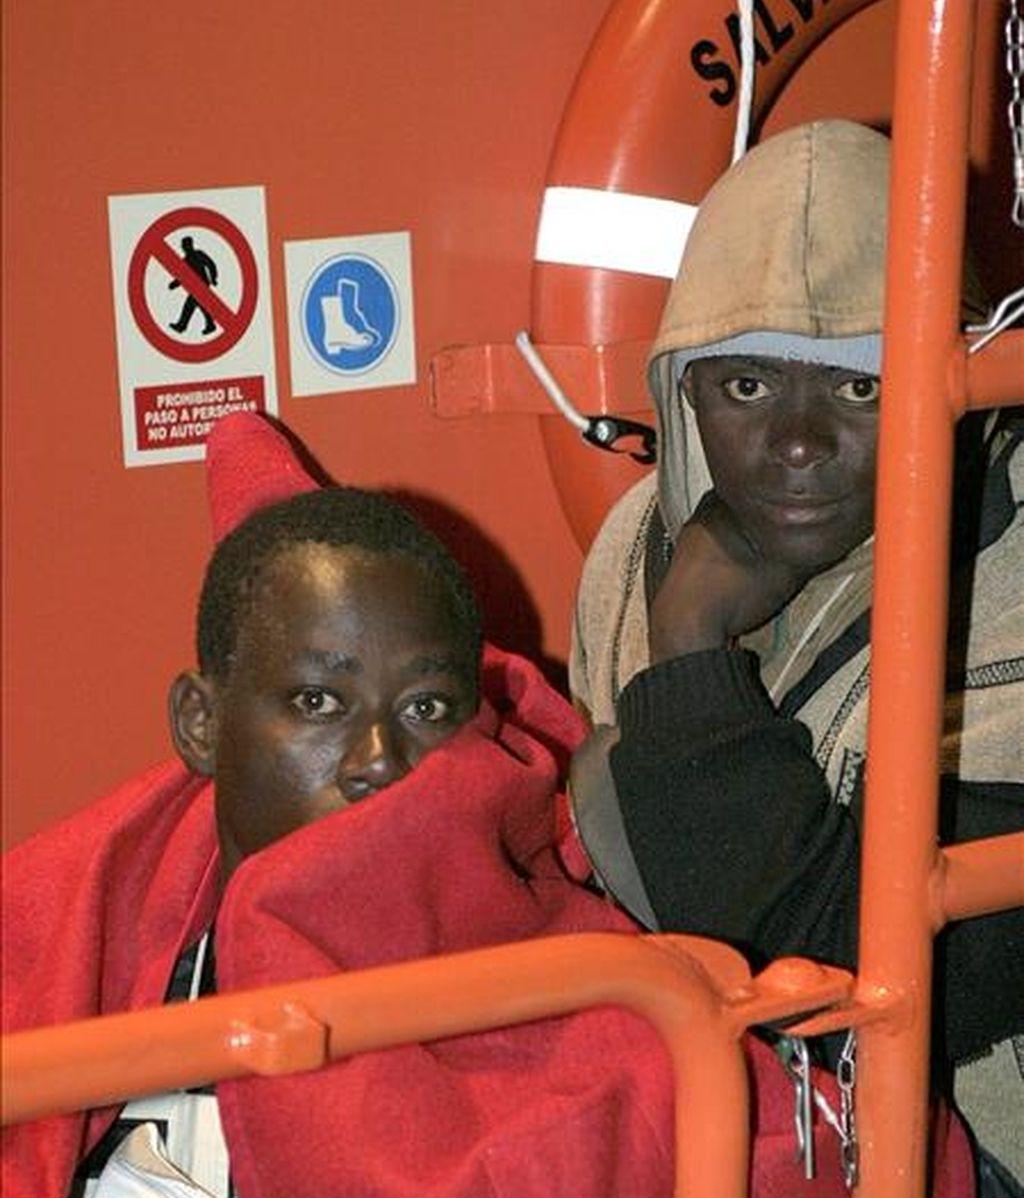 Dos de los inmigrantes que llegaron esta noche al puerto de Motril, en Granada, a bordo de una embarcación de Salvamento Marítimo, después de ser rescatados cuando navegaban en una patera. EFE